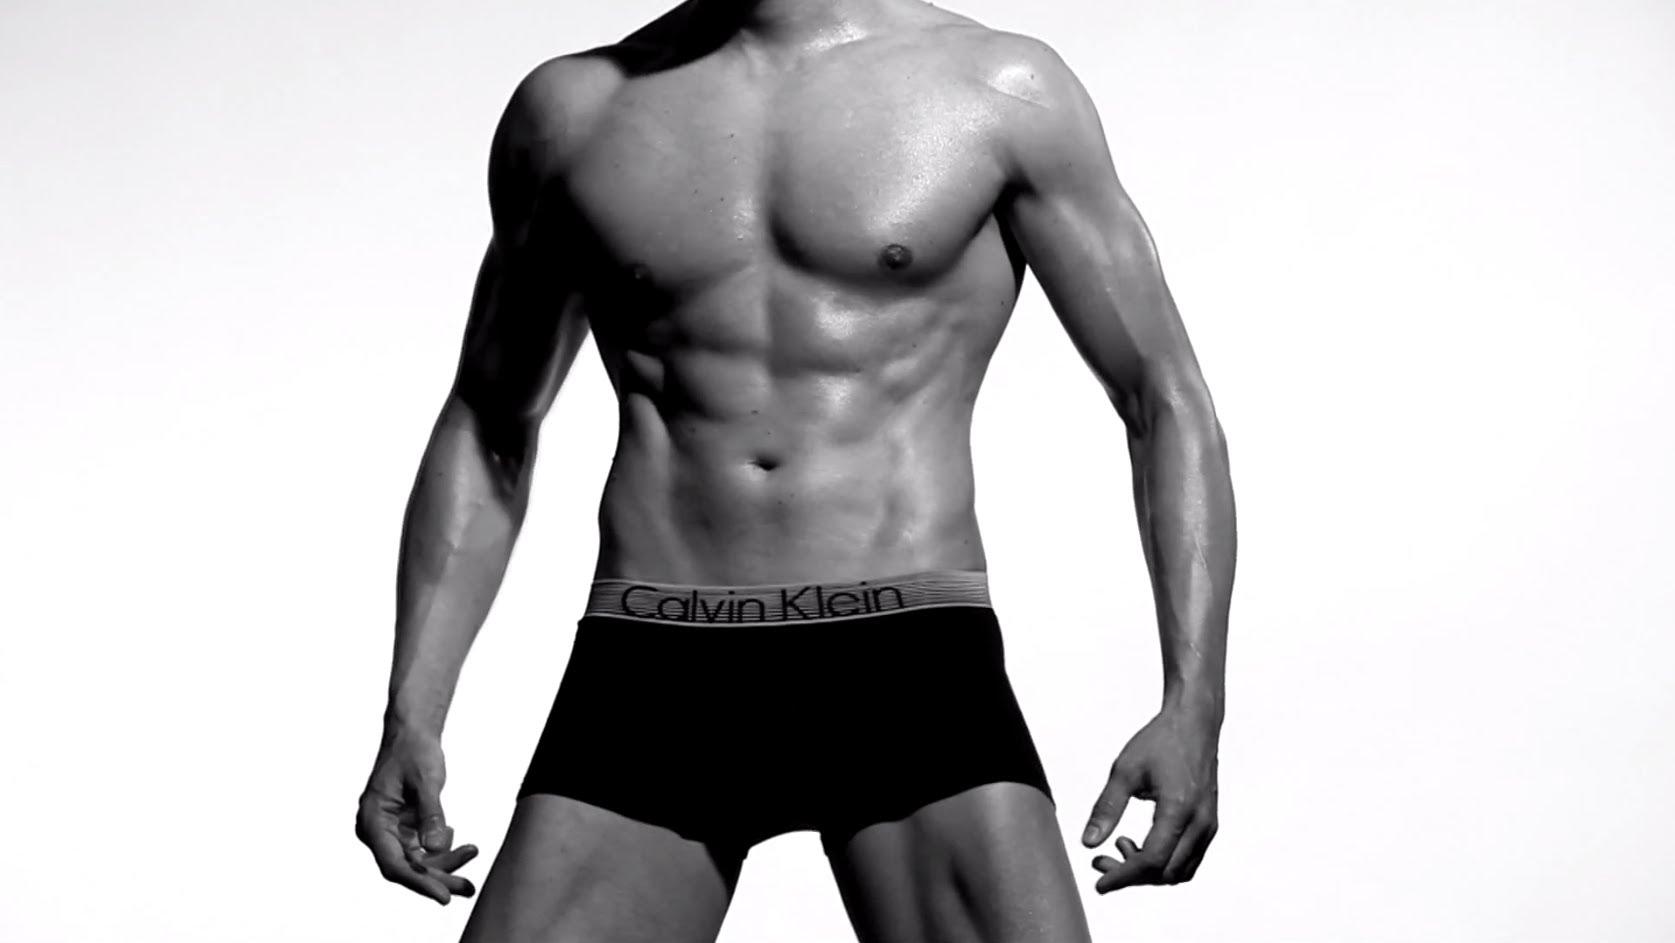 Почему мужчины выбирают трусы Calvin Klein?